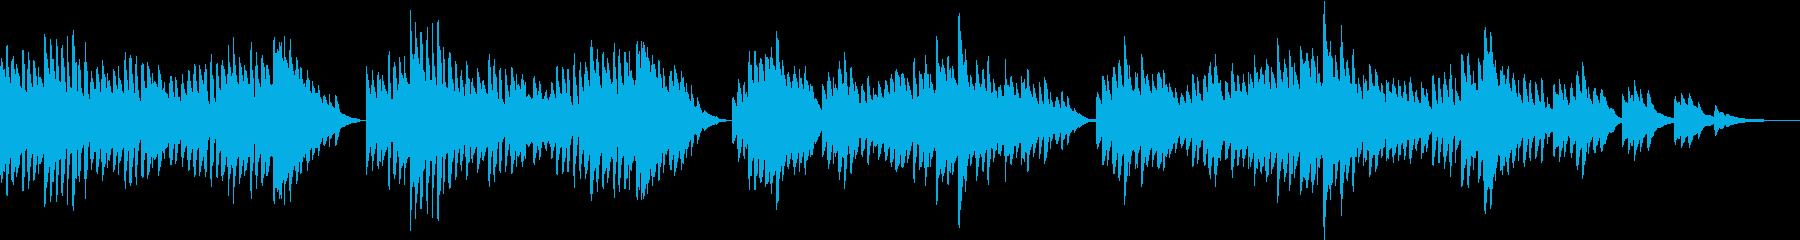 優しいメロディが心を和ませてくれるピアノの再生済みの波形